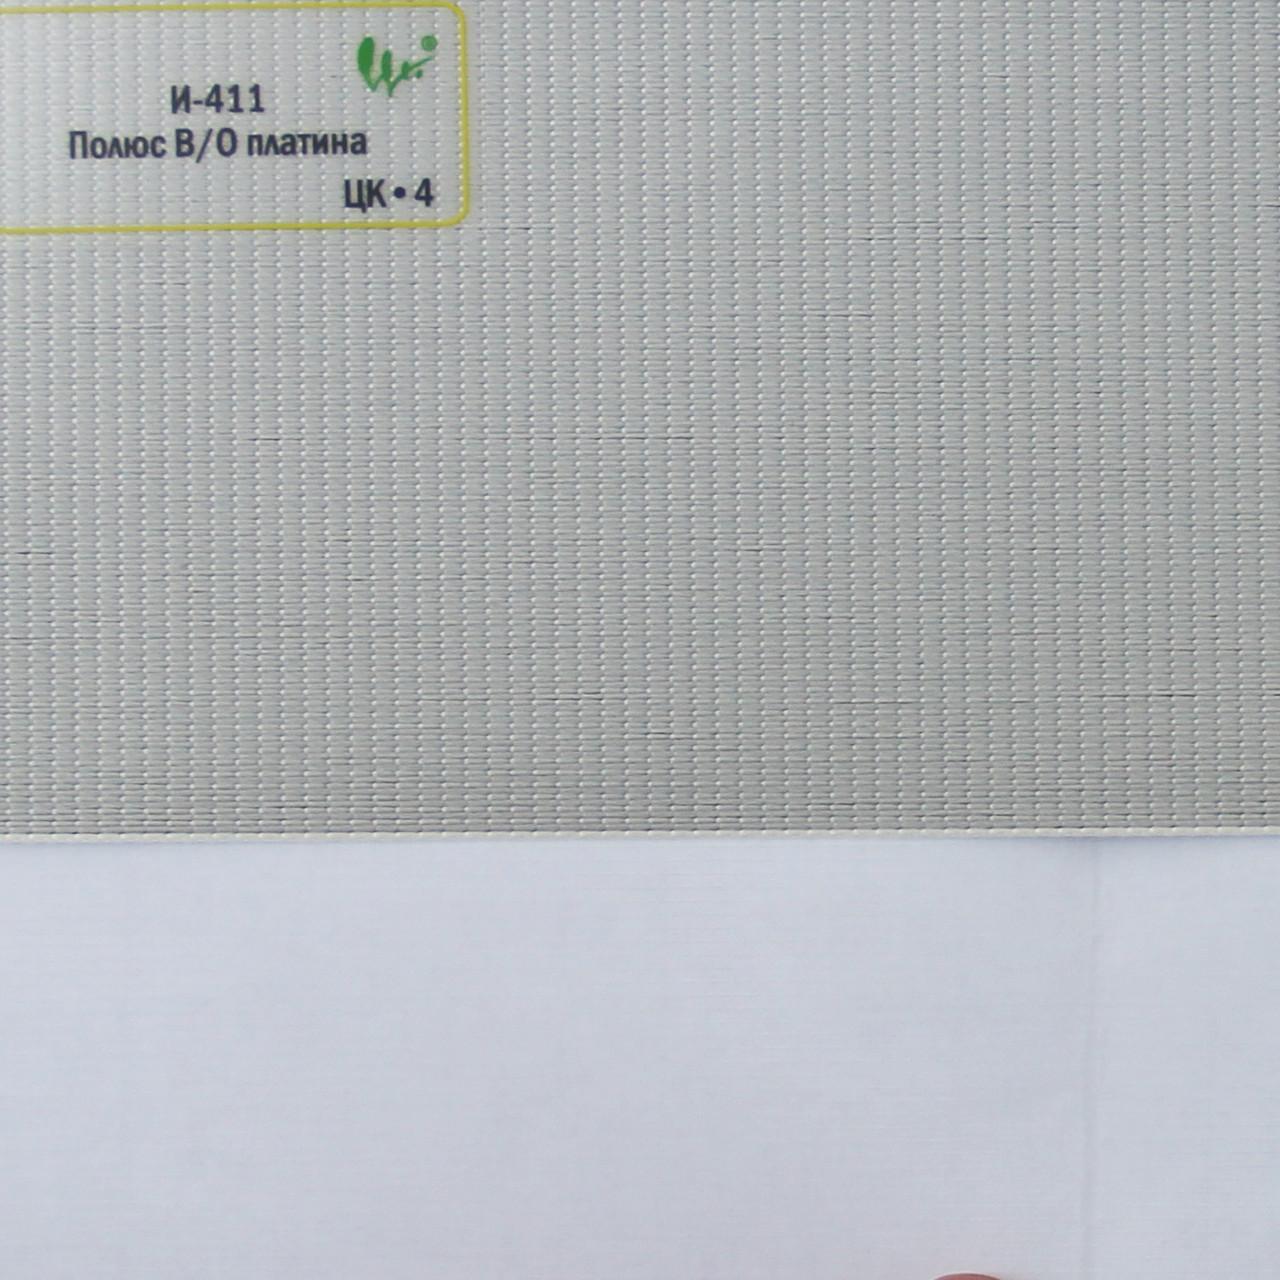 Рулонные шторы День-ночь Ткань Полюс блэкаут Платина